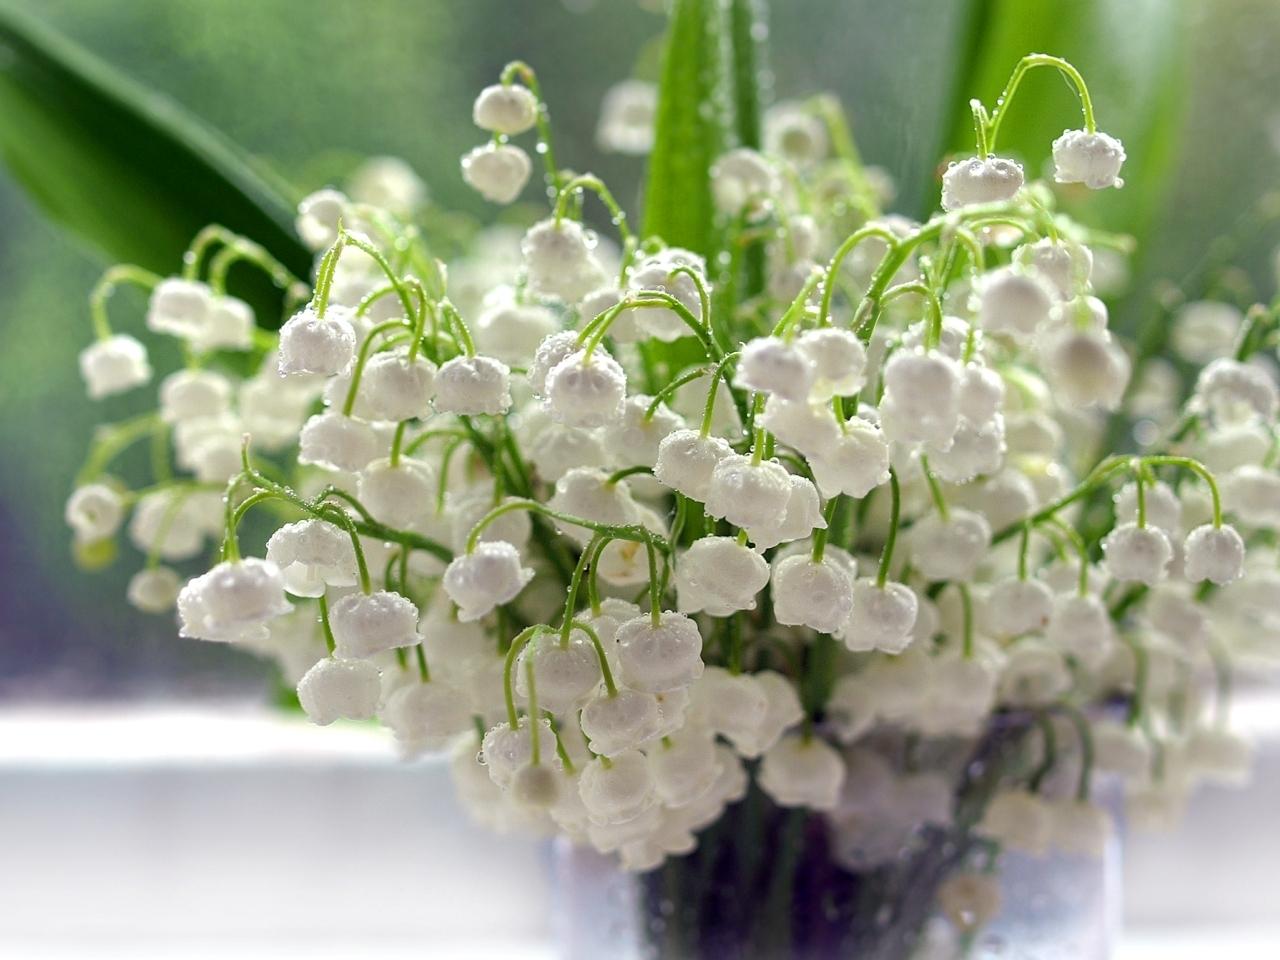 27395 Hintergrundbild herunterladen Blumen, Drops, Pflanzen, Maiglöckchen - Bildschirmschoner und Bilder kostenlos